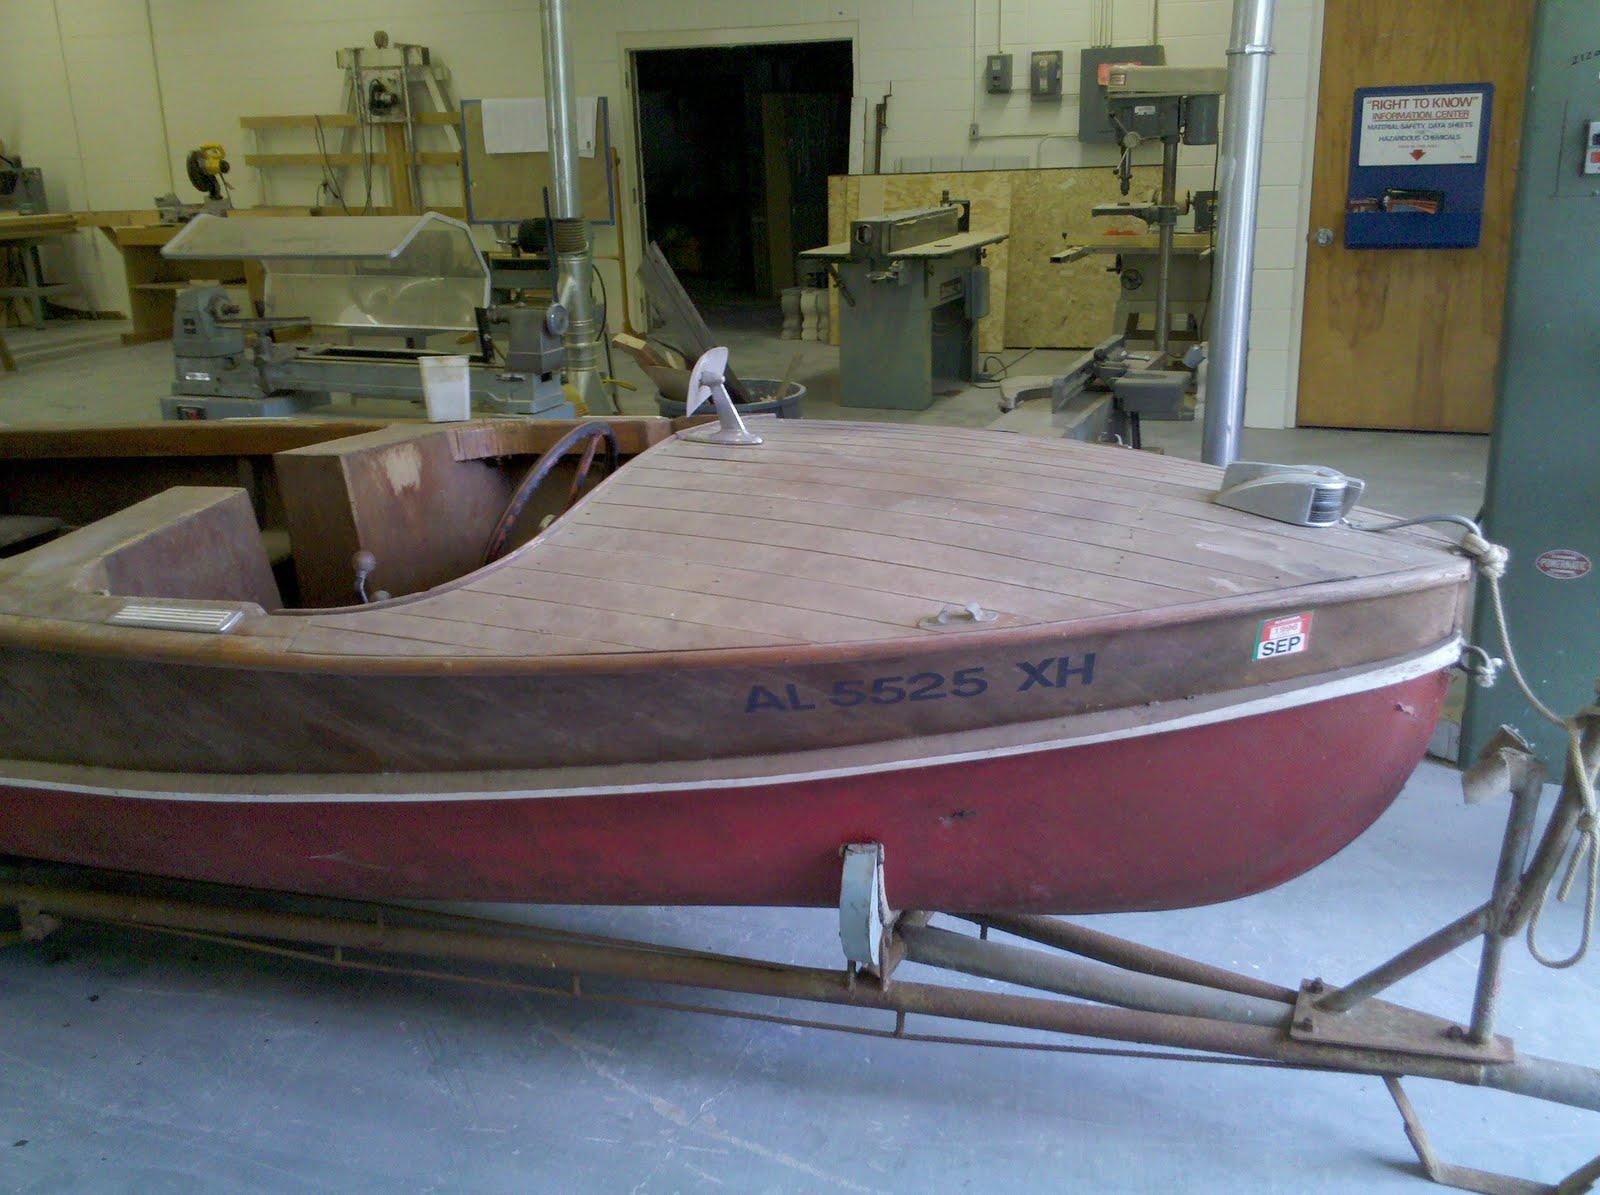 Benchmark woodworks 1950s wagemaker wolverine boat restoration 1 for Boat interior restoration near me